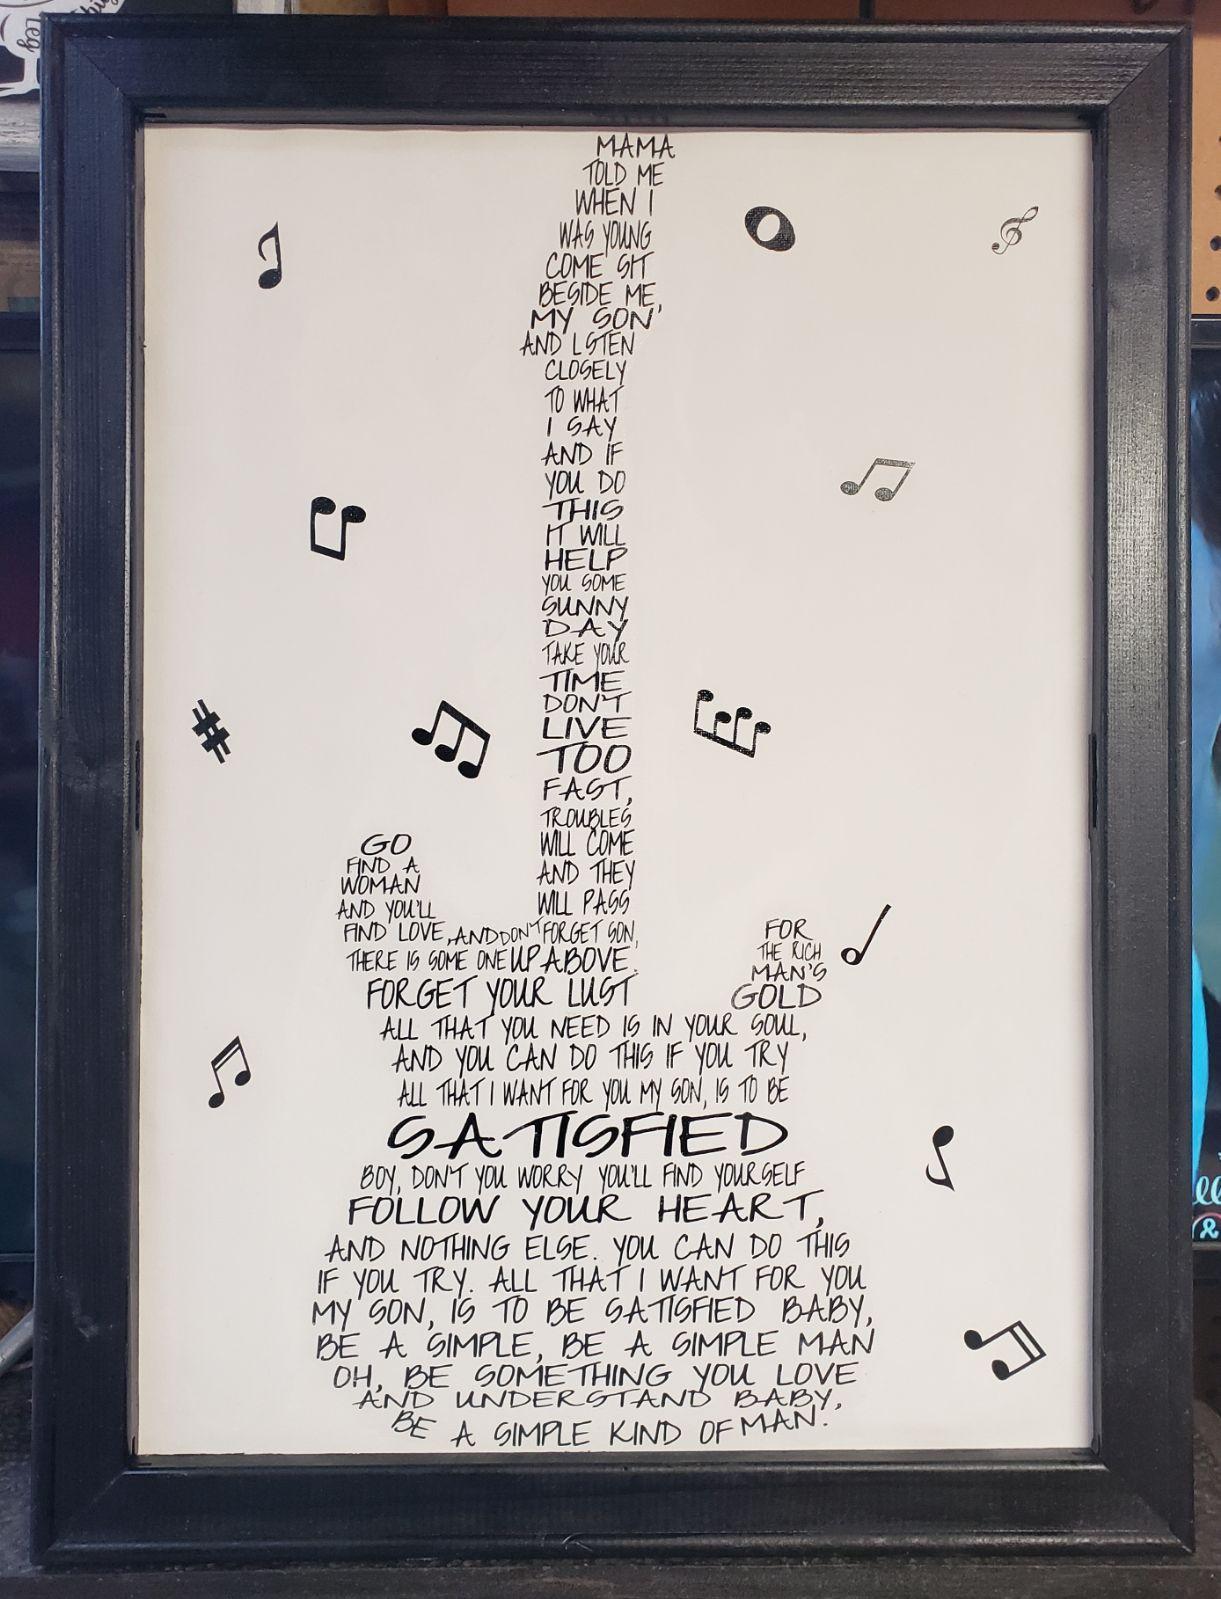 Lynyrd Skynyrd Simple Man Word Art Wall Decor Handmade 18 W 24 L Word Art Word Wall Art Word Art Wall Decor